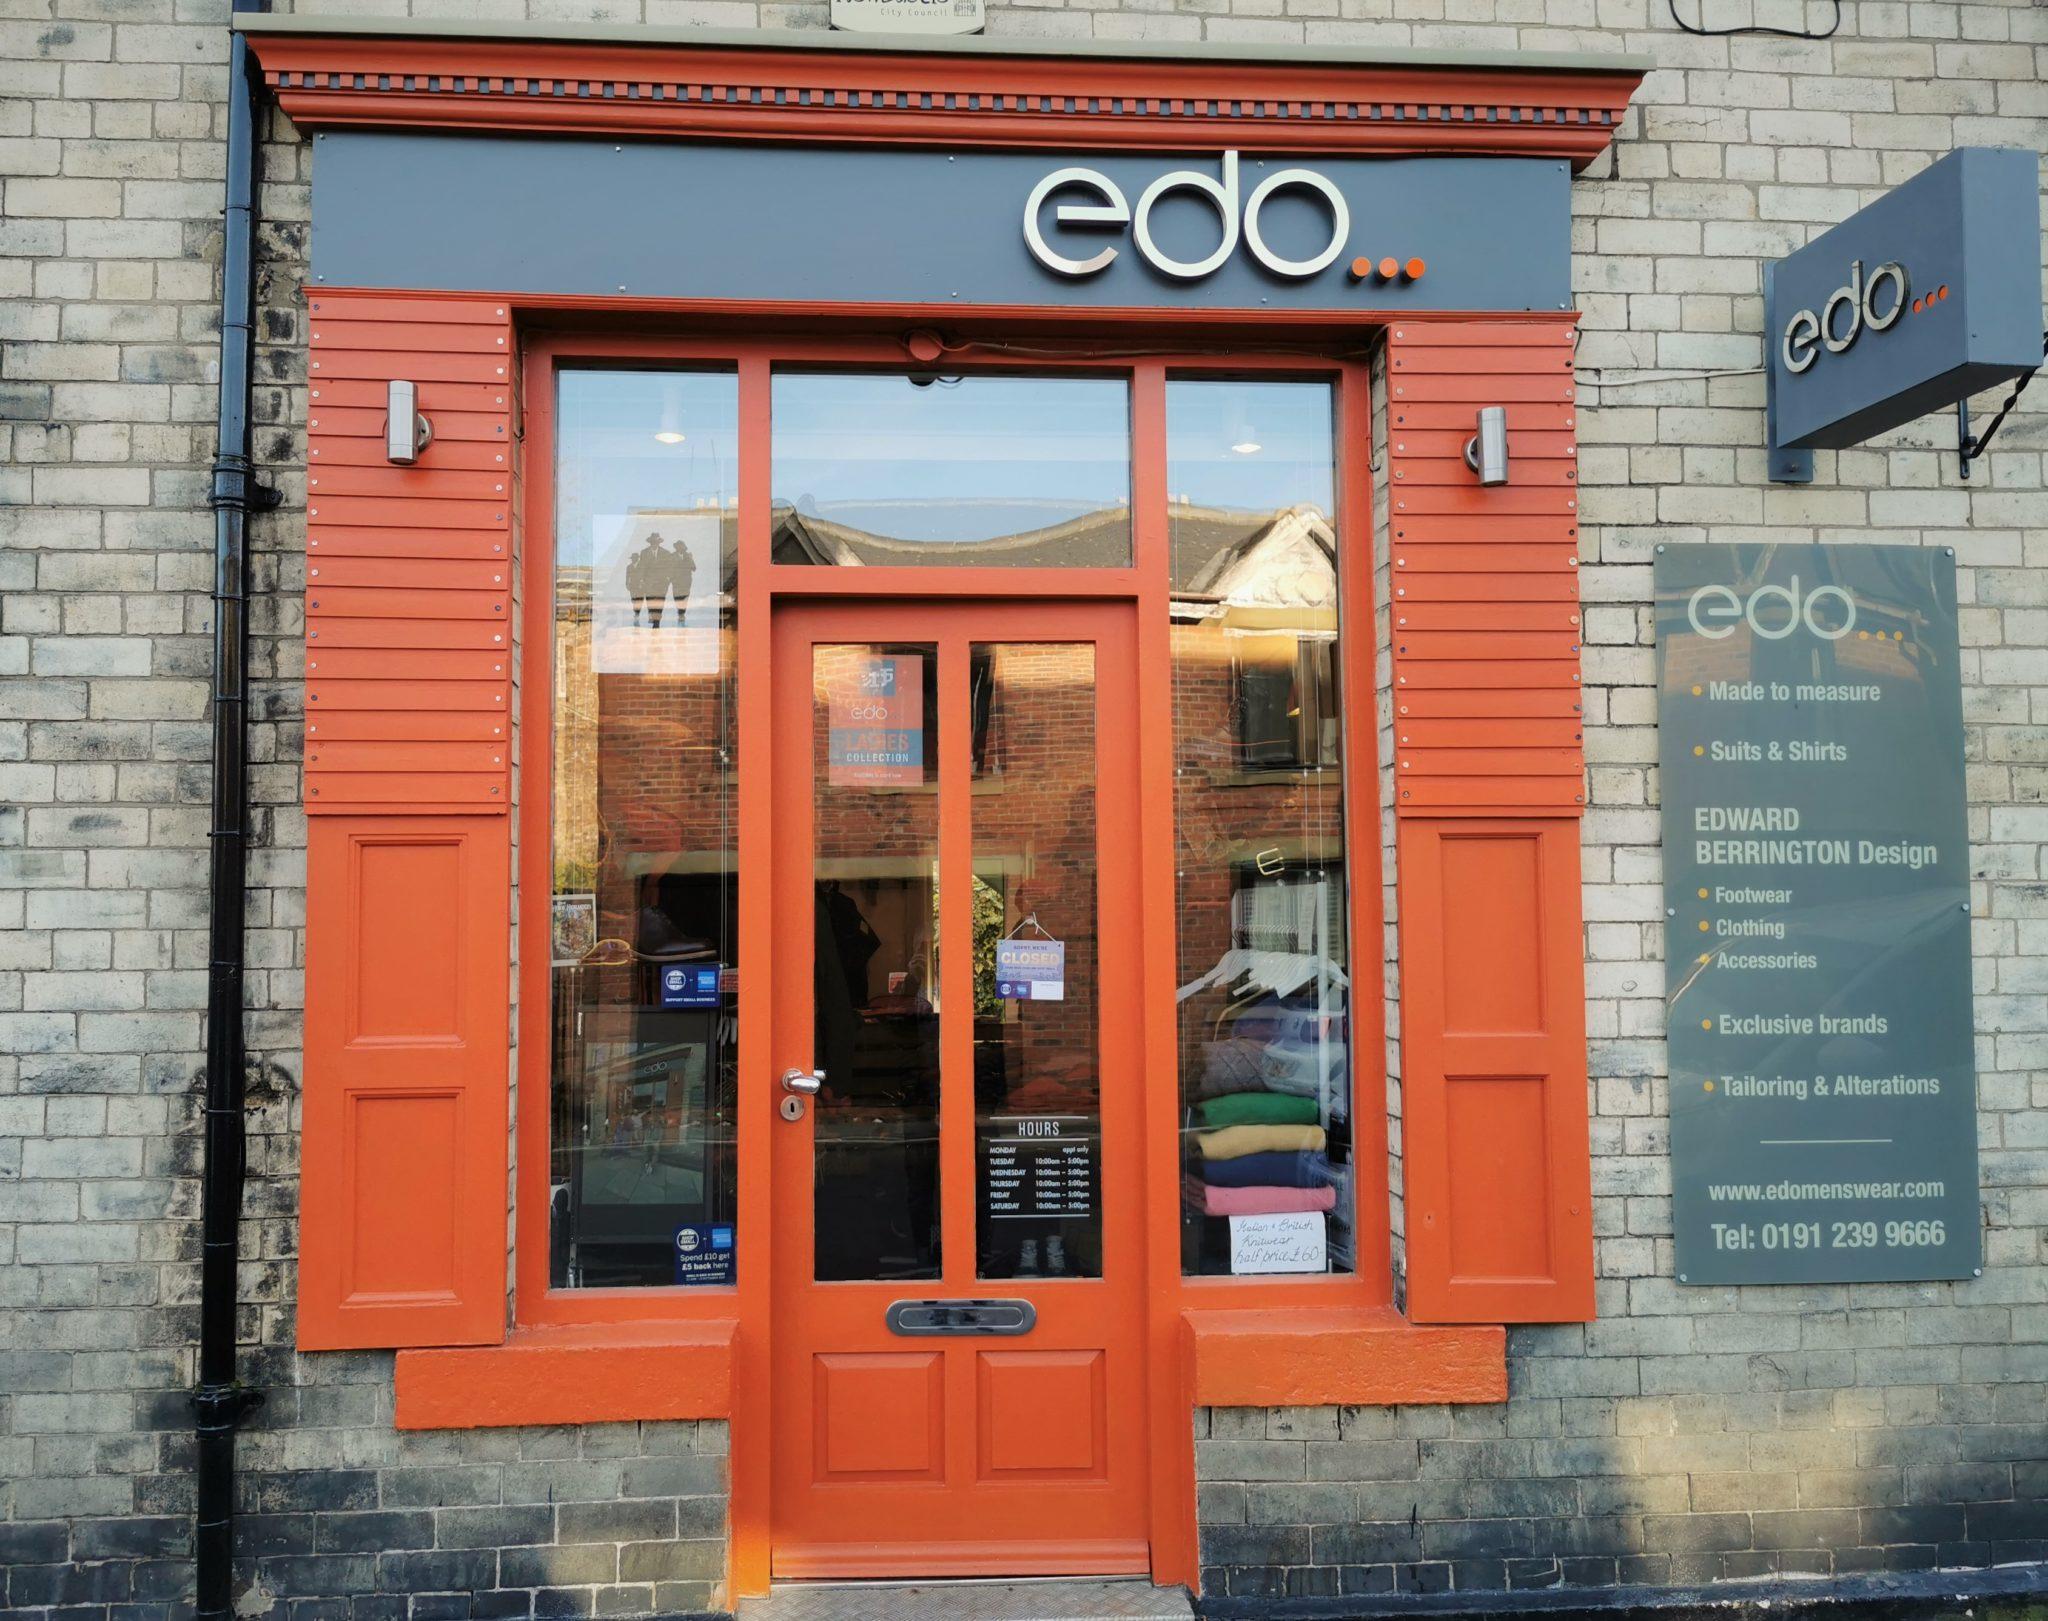 Edo Clothing